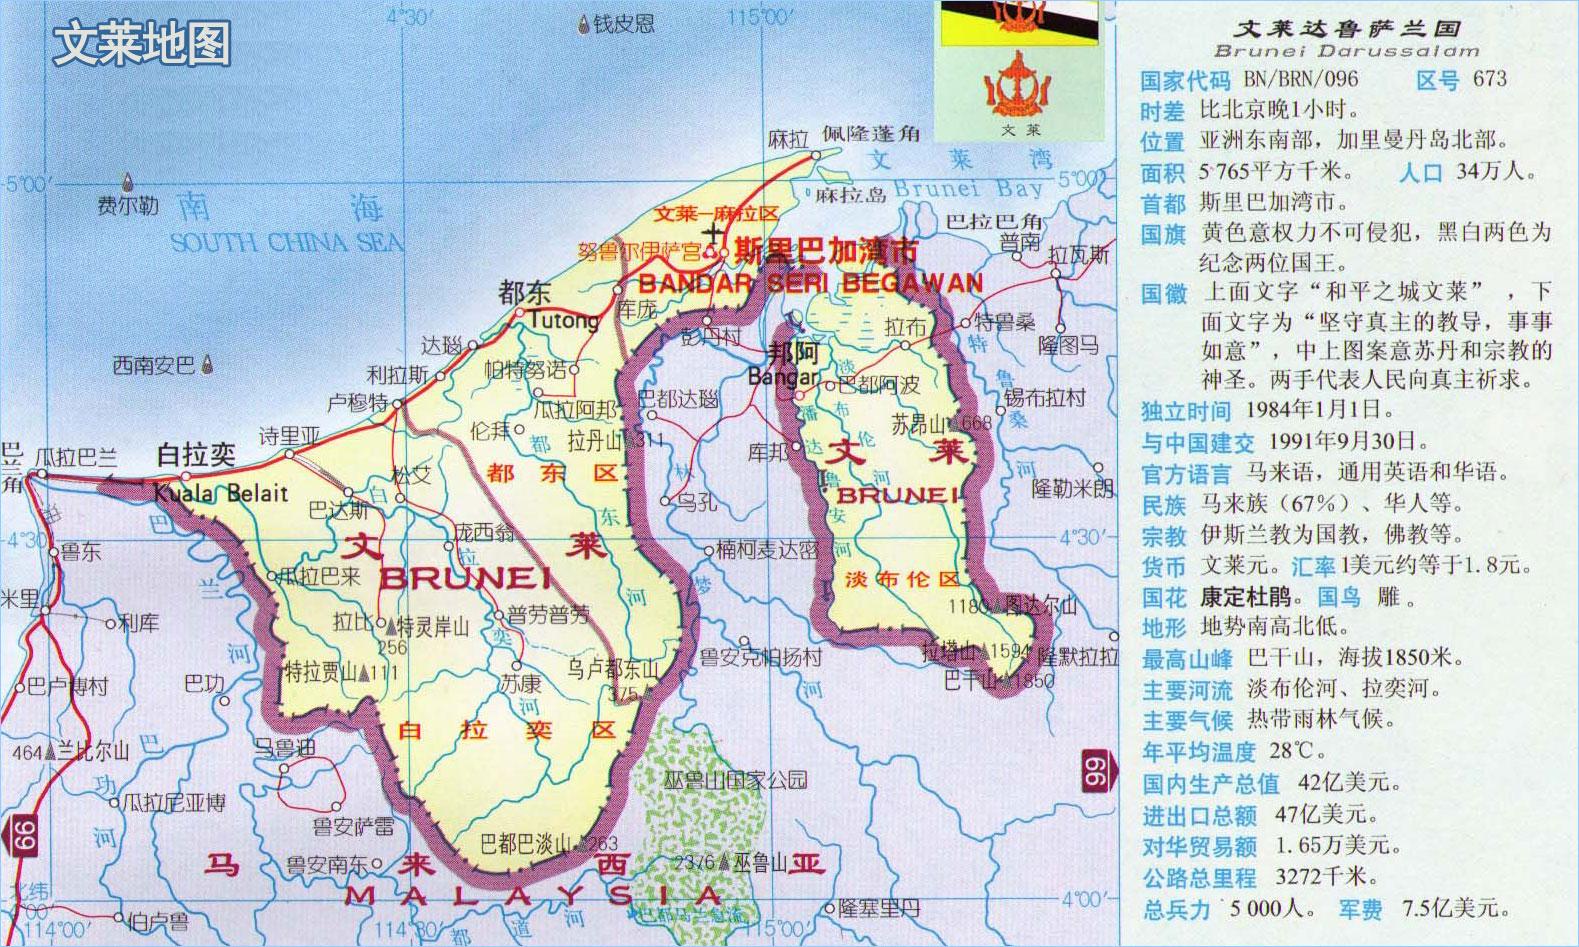 黎巴嫩地图_文莱地图中文版_文莱地图库_地图窝